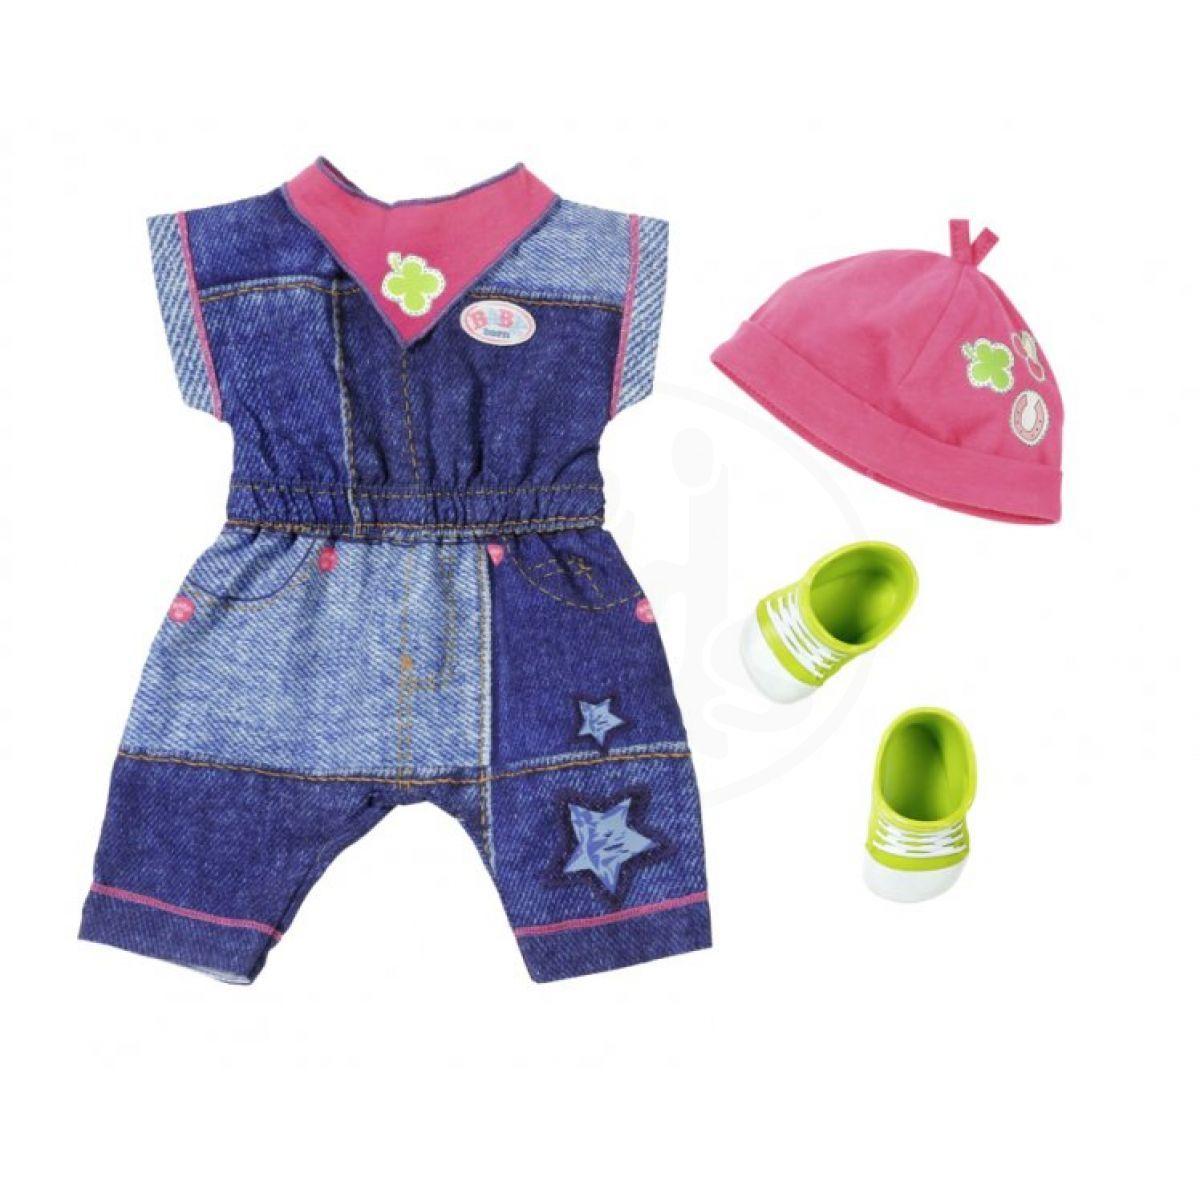 Baby Born Oblečení Džínová souprava Overal Šaty